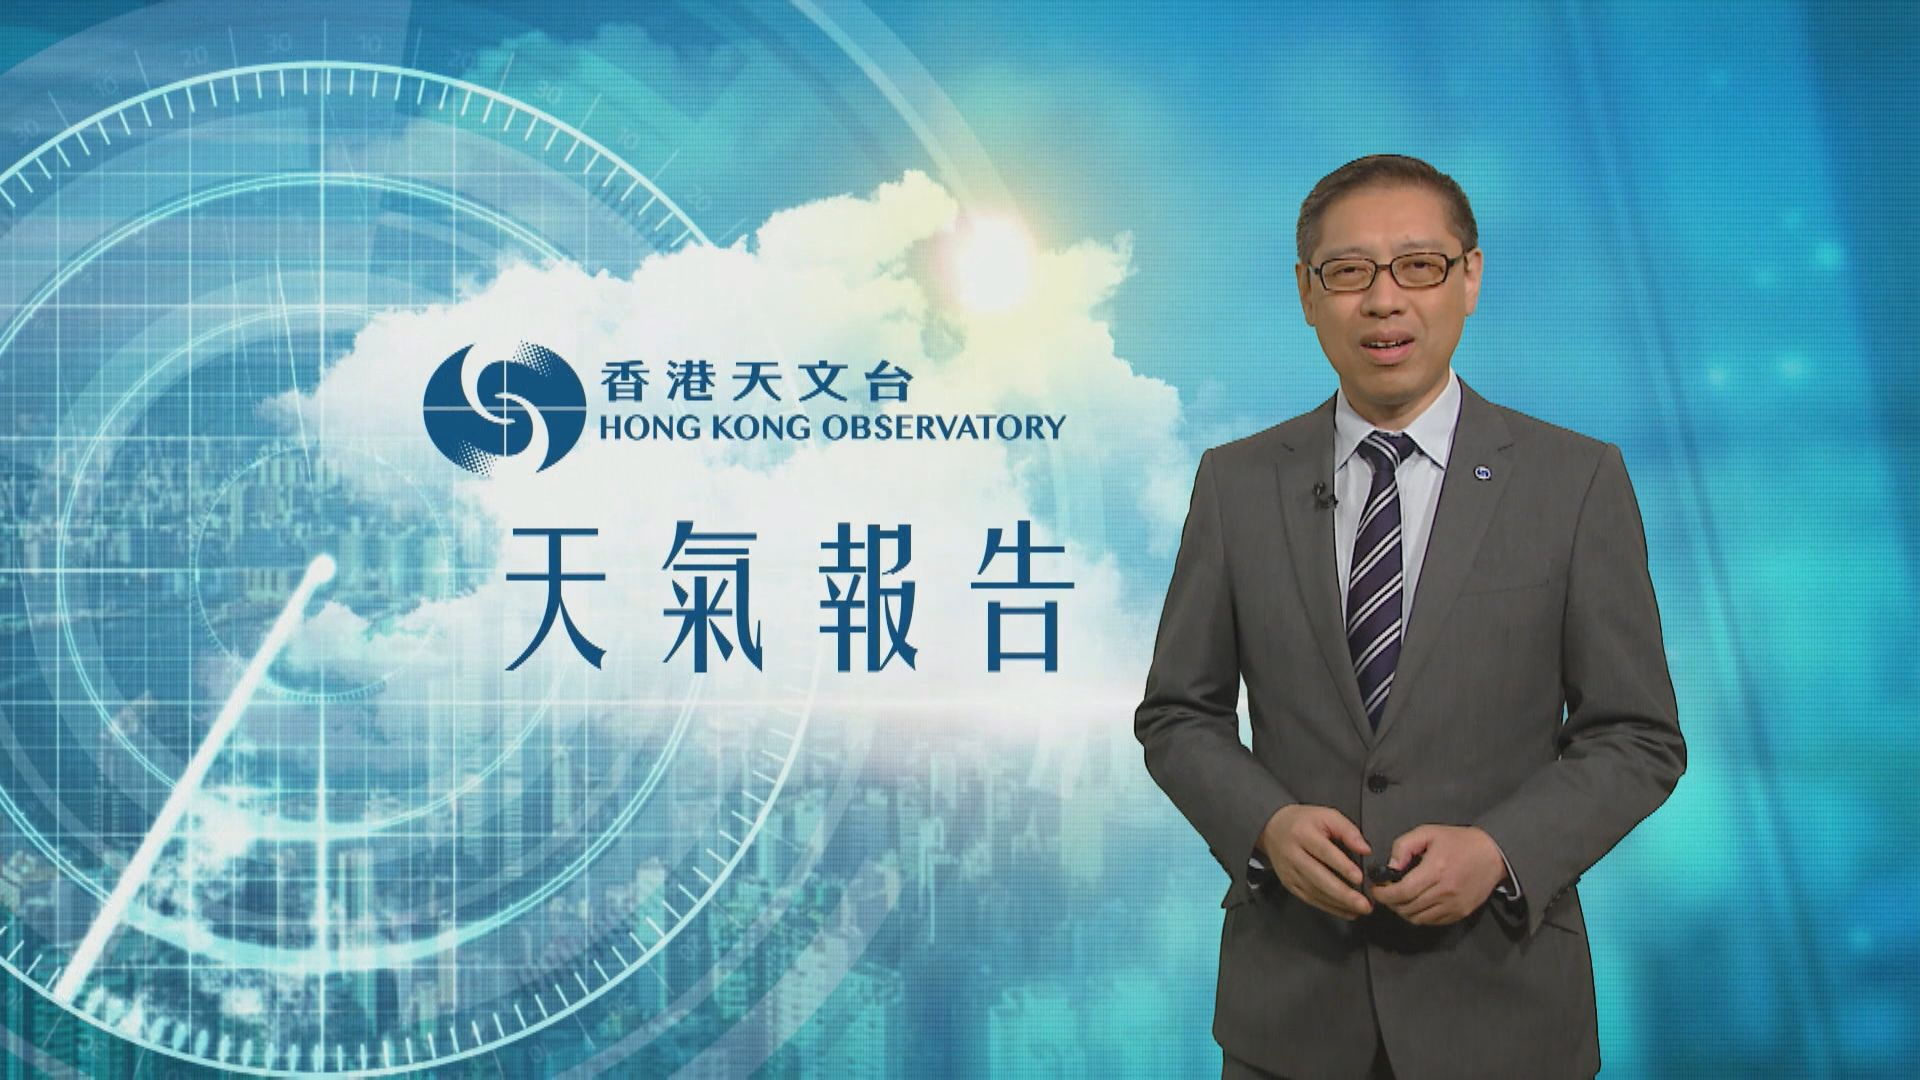 【天氣報告】(5月25日)